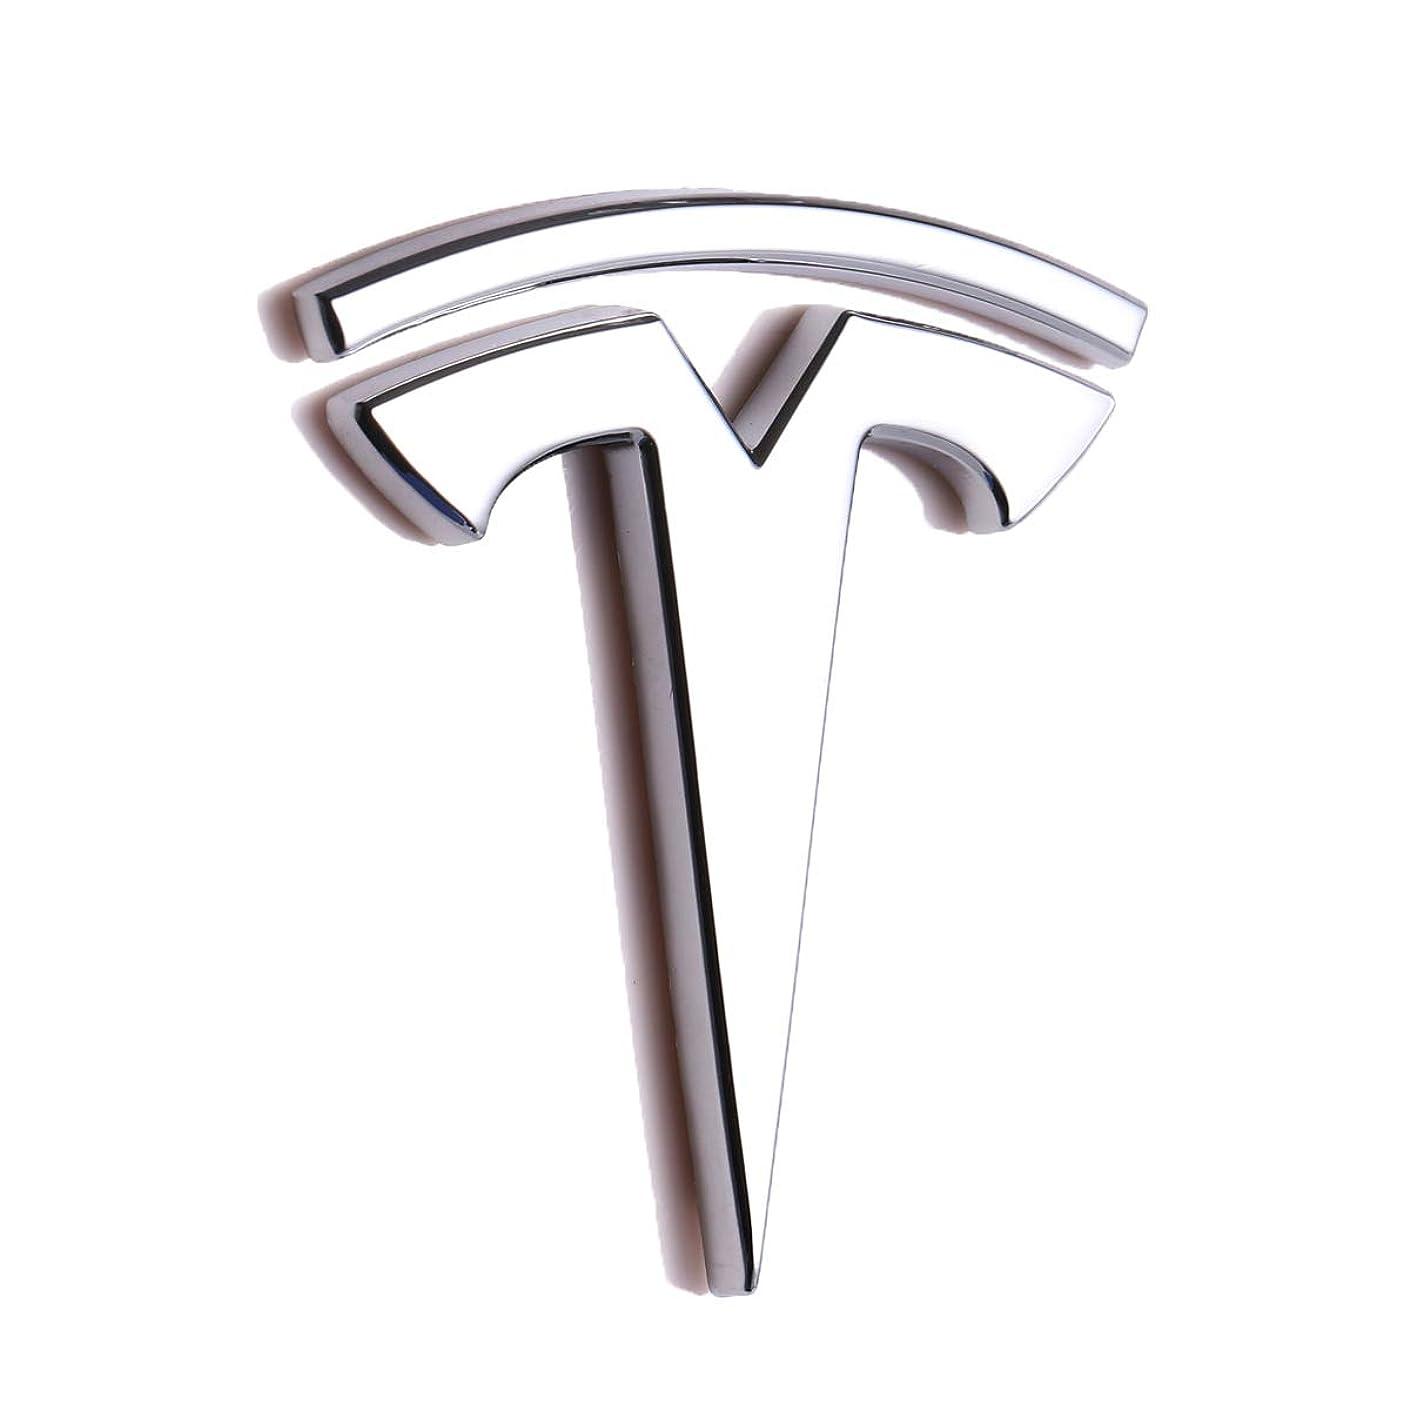 TK-KLZ 3D Metal Car Side Fender Rear Trunk Emblem Sticker Badge Decals for Tesla Roadster Model S Model X Model 3 TESLASUV Decorative Accessories (Silver)